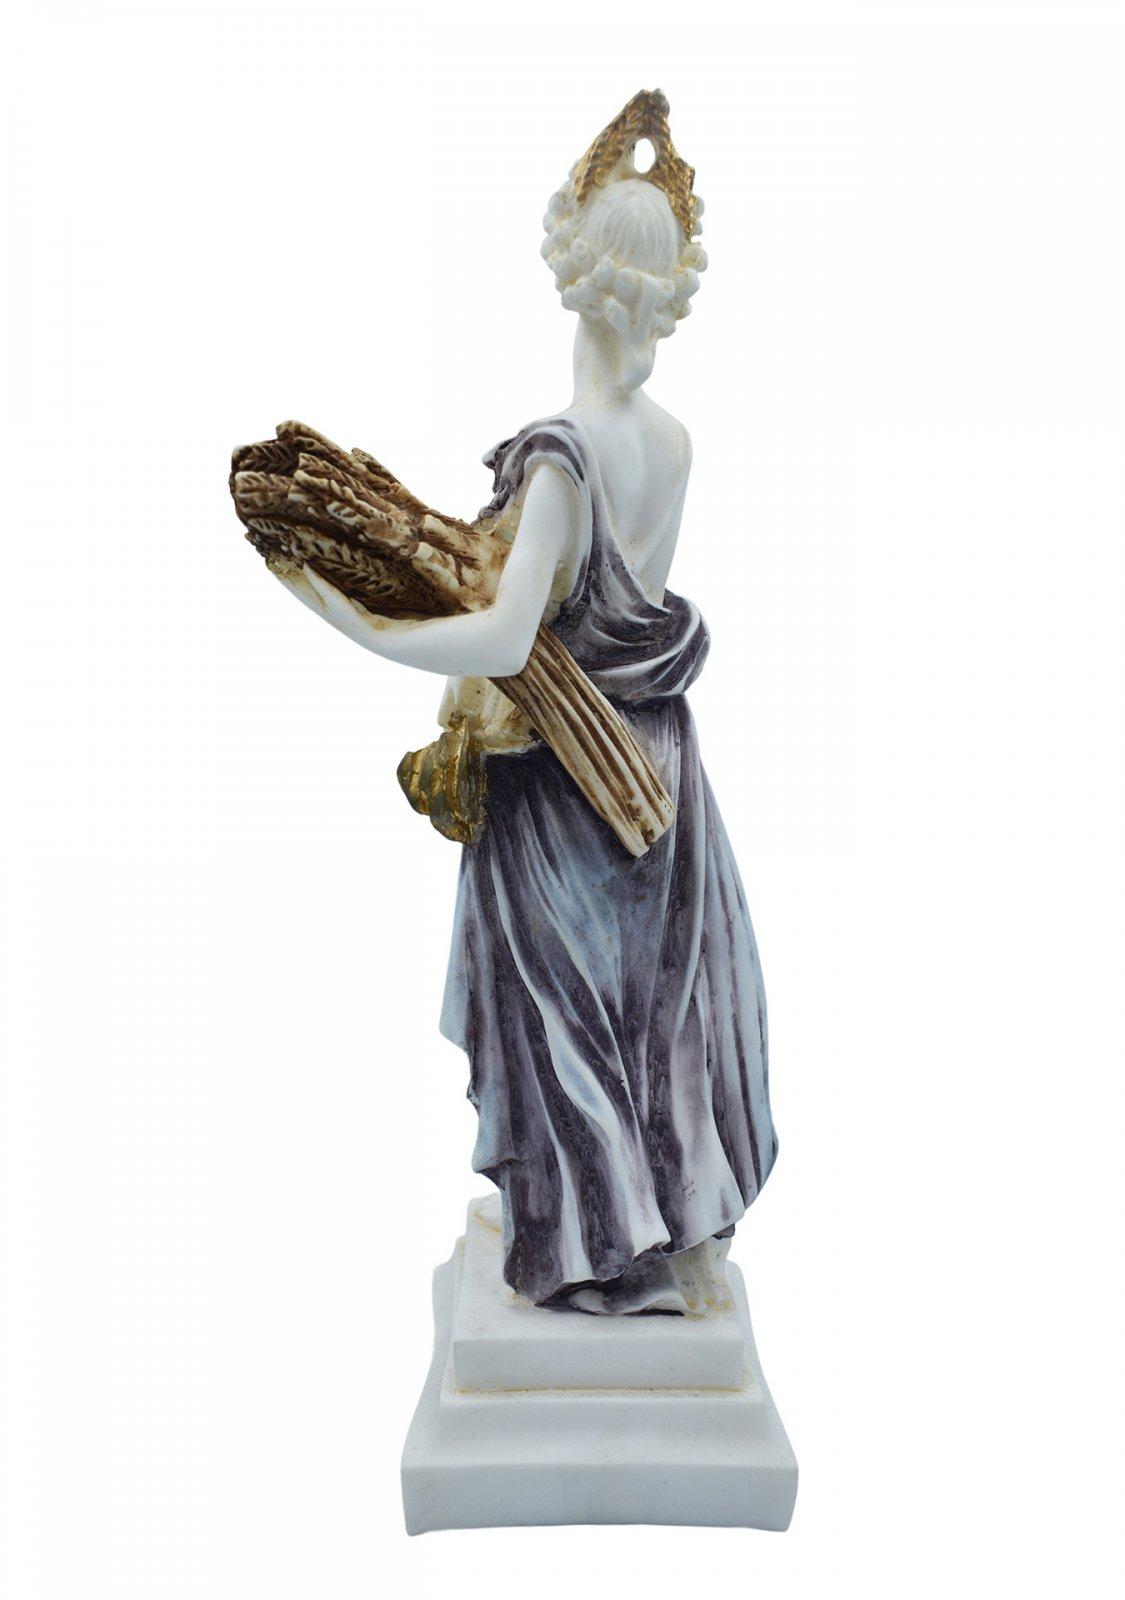 Demeter, Greek goddess of the harvest and agriculture, alabaster statue